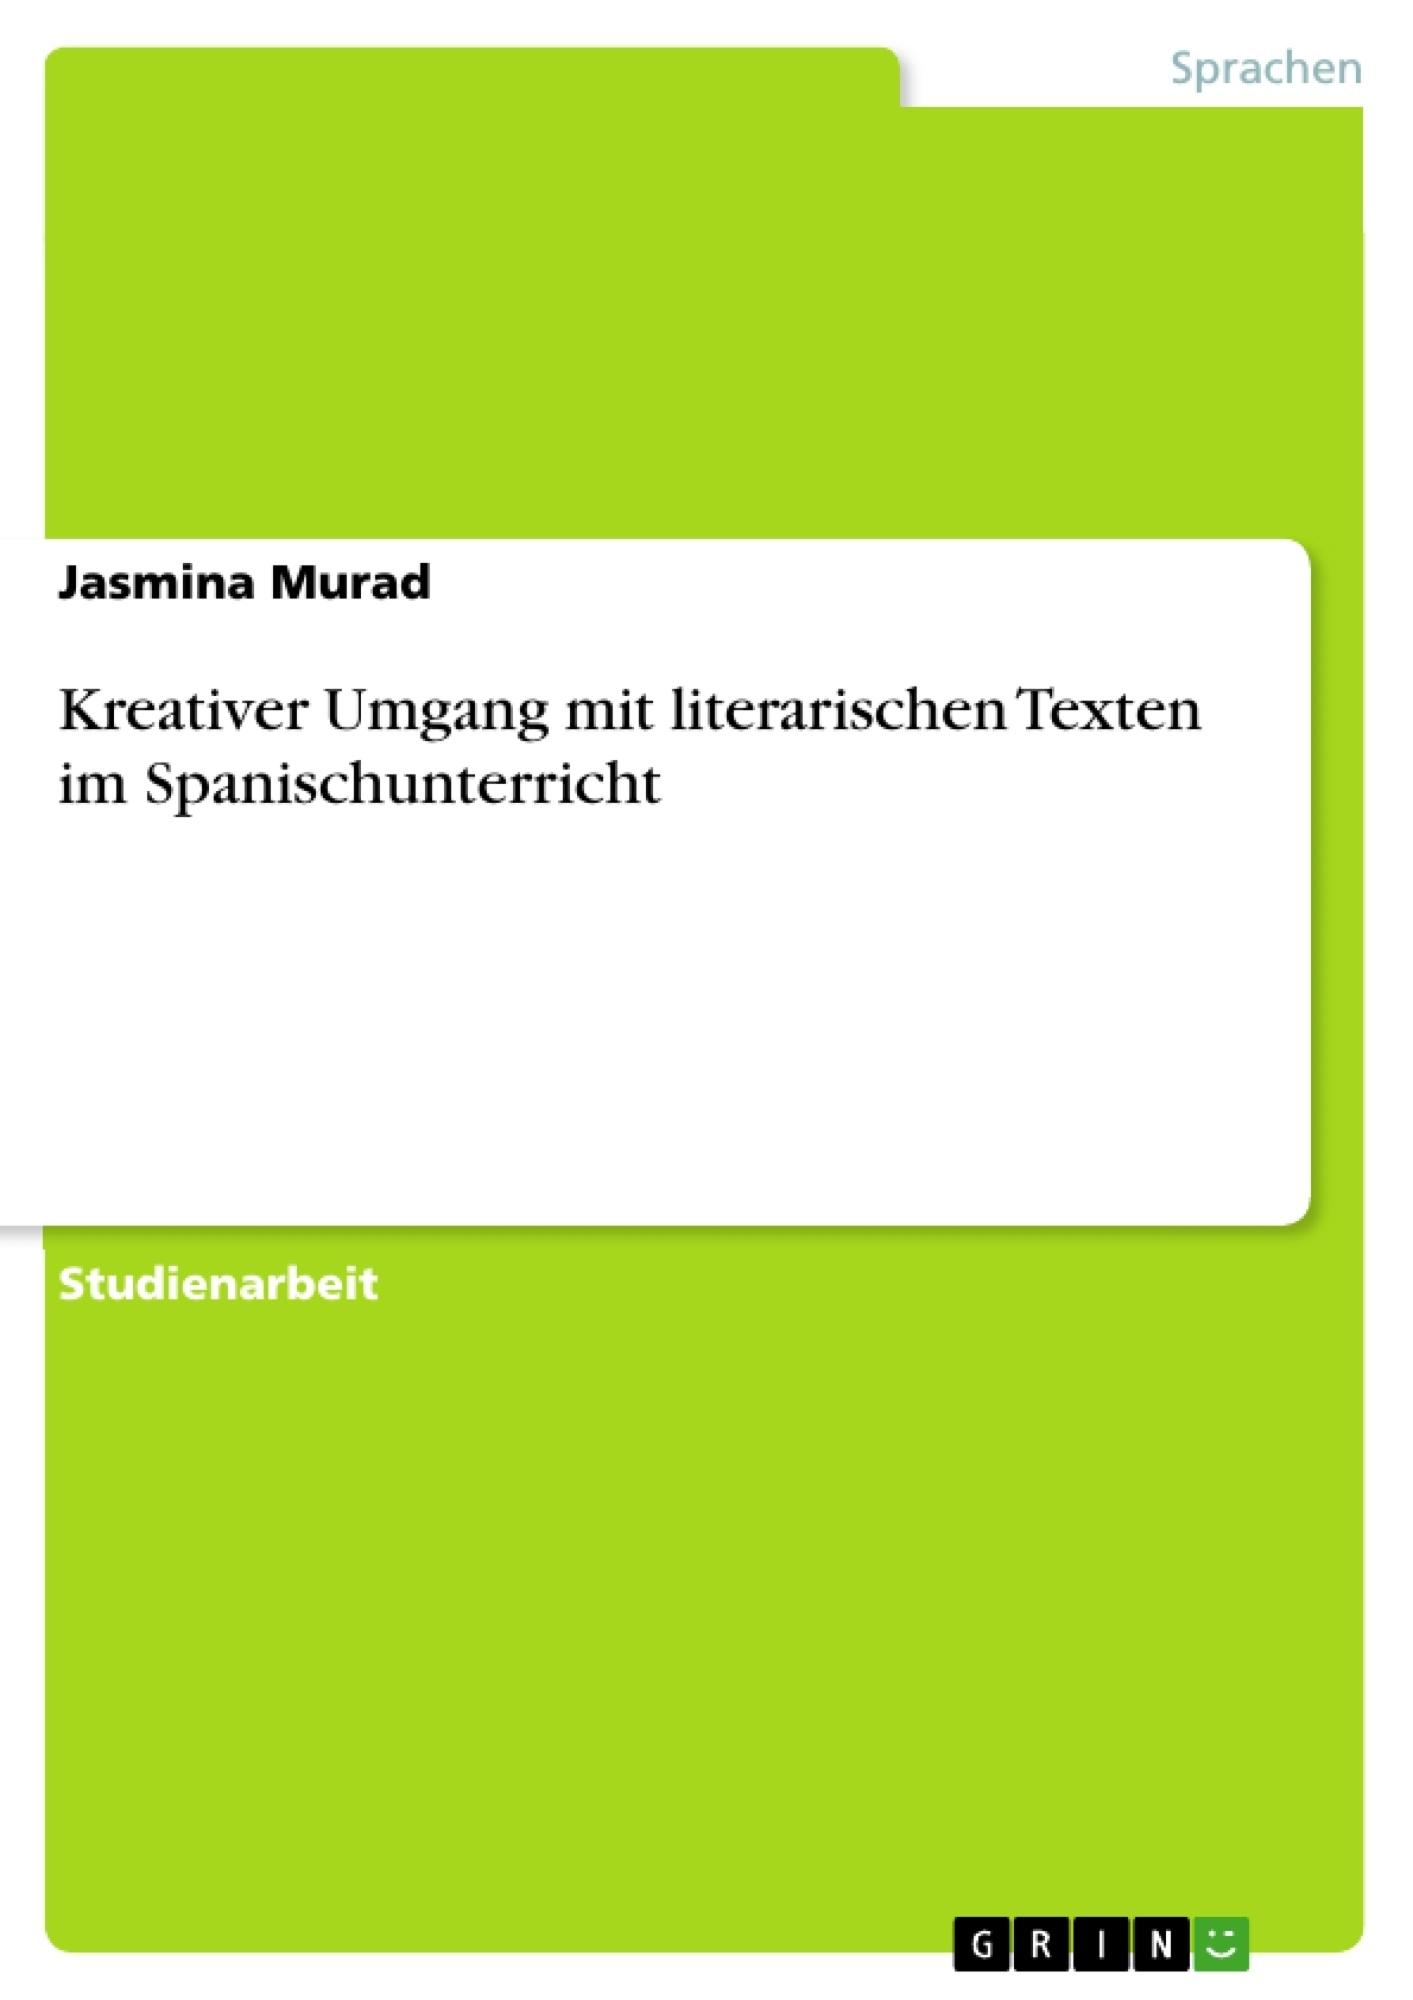 Kreativer Umgang mit literarischen Texten im Spanischunterricht ...